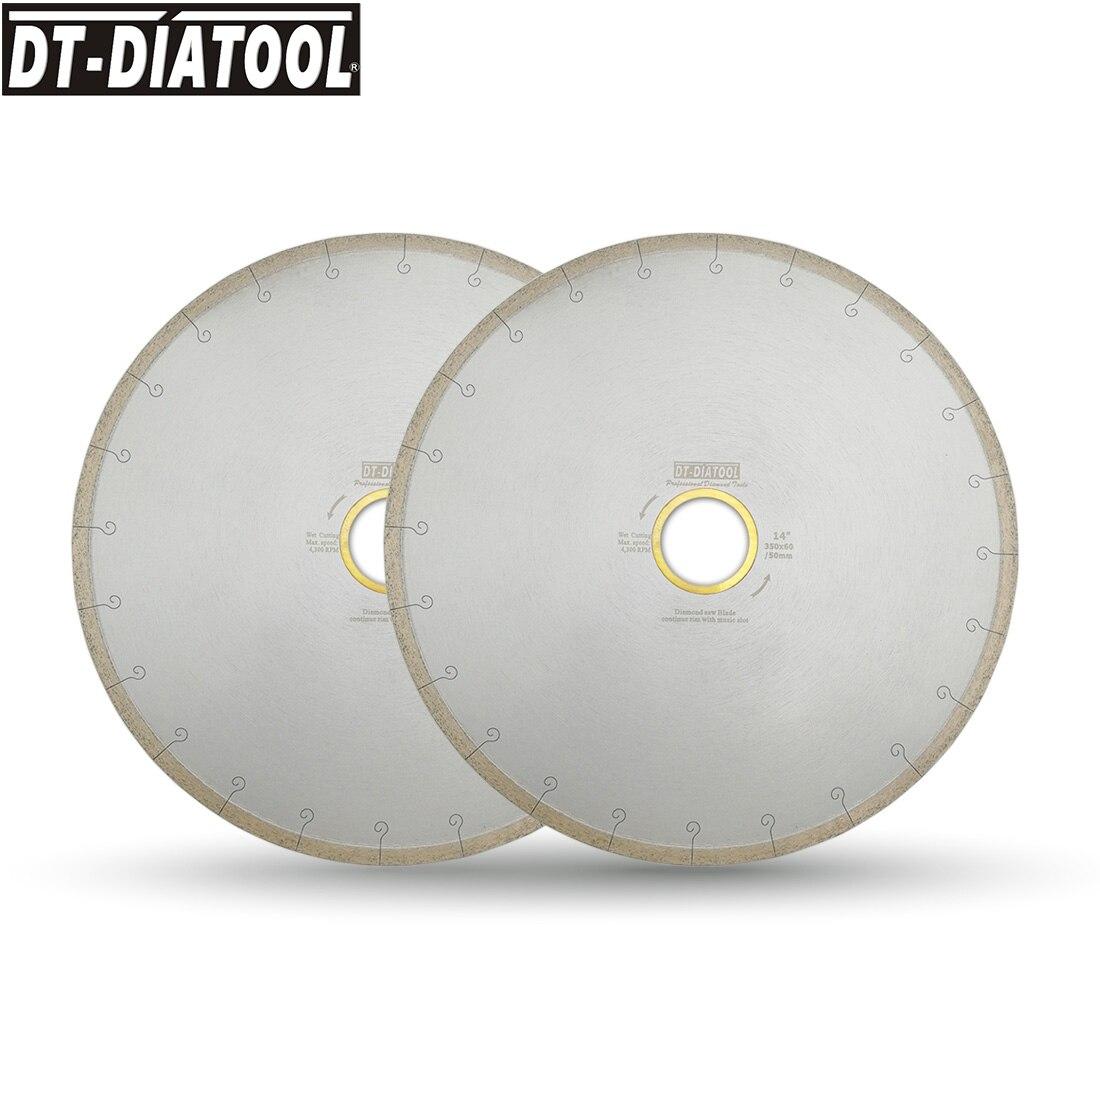 DT-DIATOOL 2pcs 14